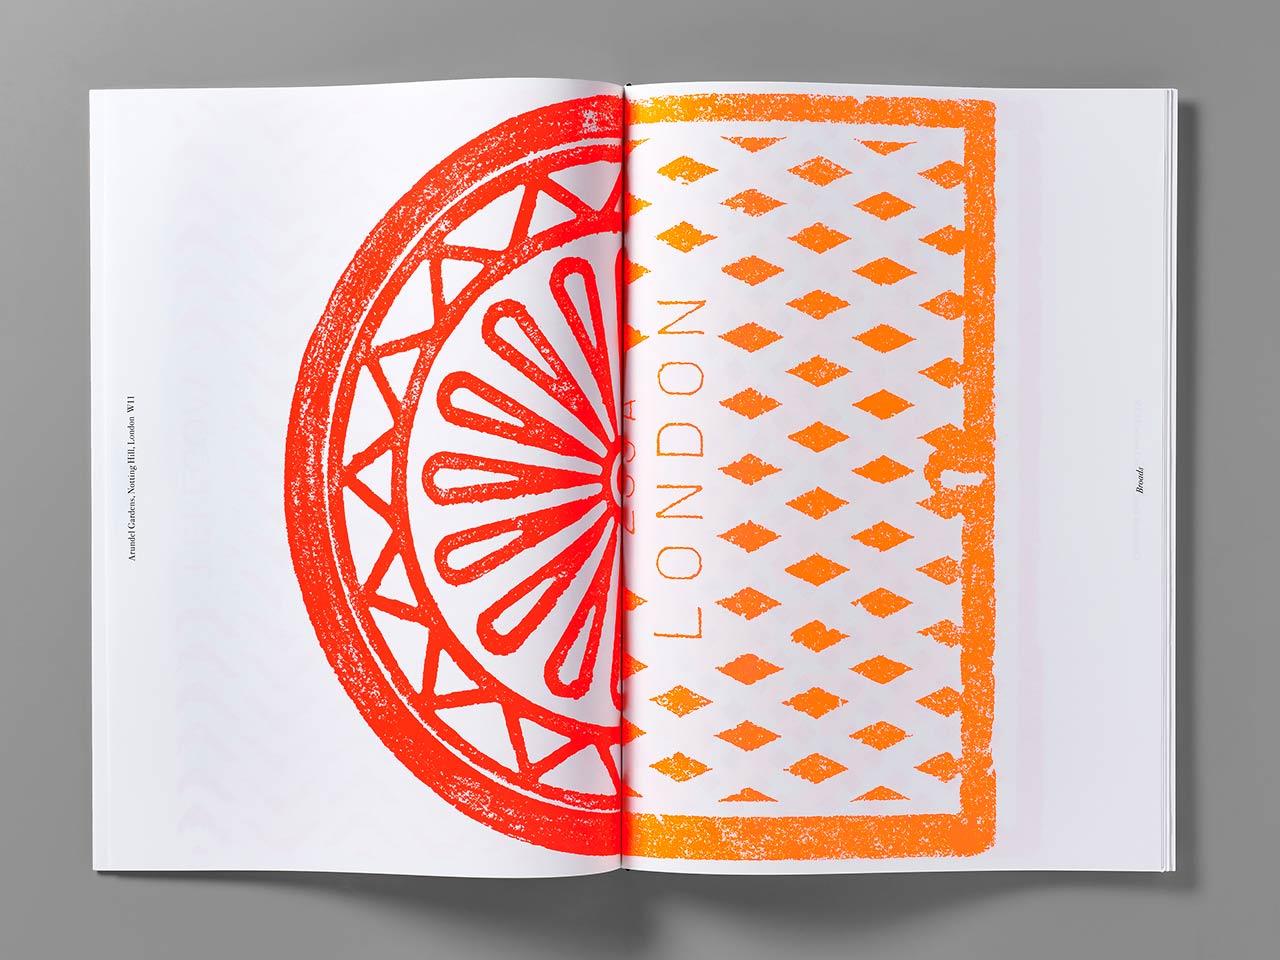 Pentagram_Overlooked-PP-book_08